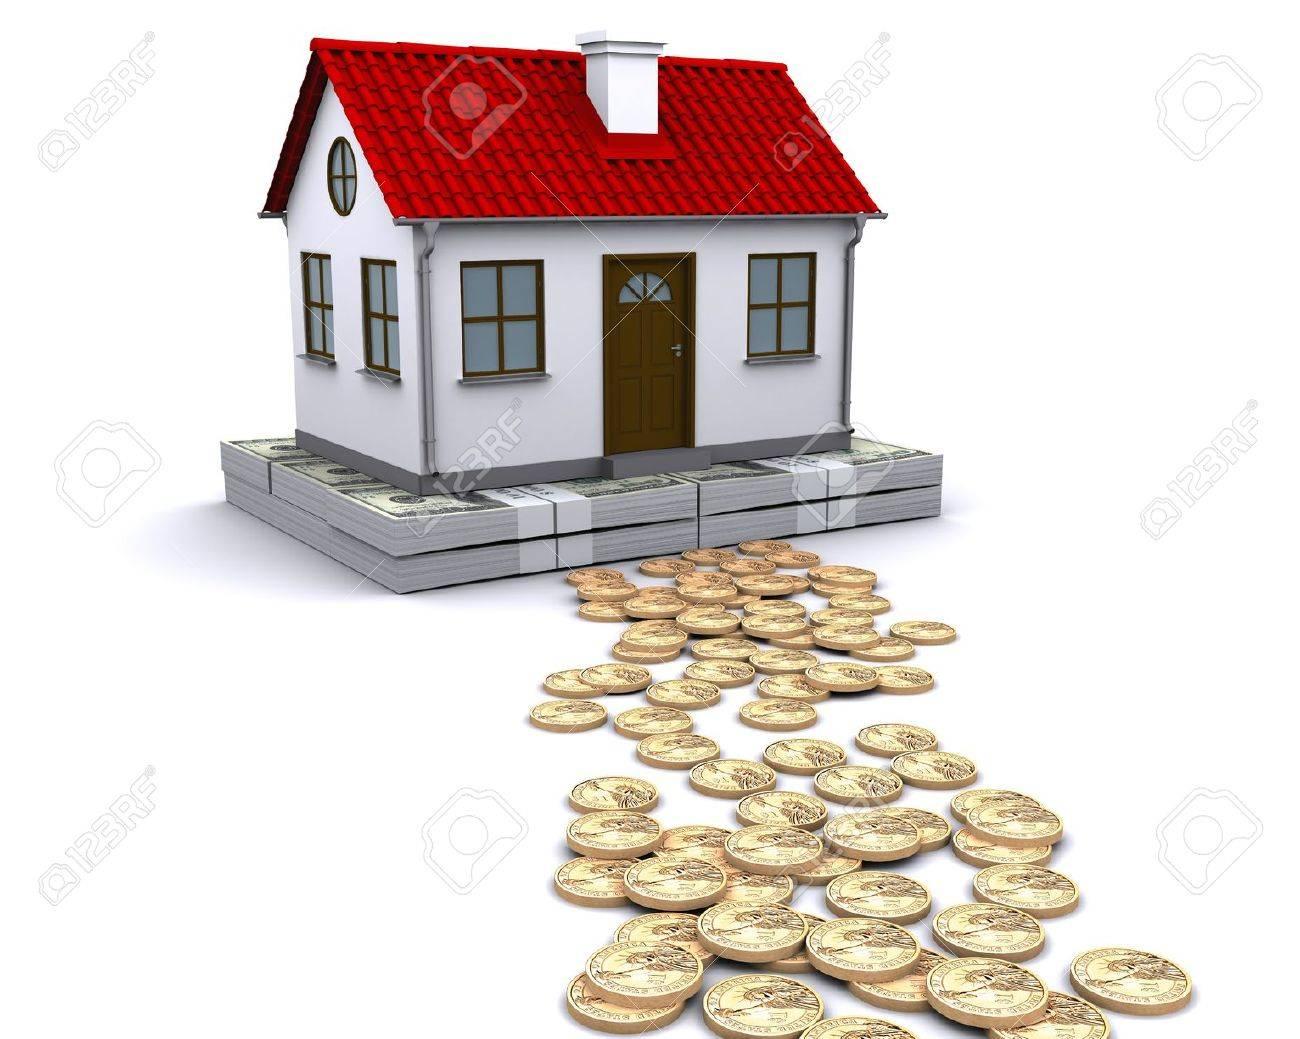 Geld - Ein Stabiles Fundament Für Zuhause Lizenzfreie Fotos, Bilder ...